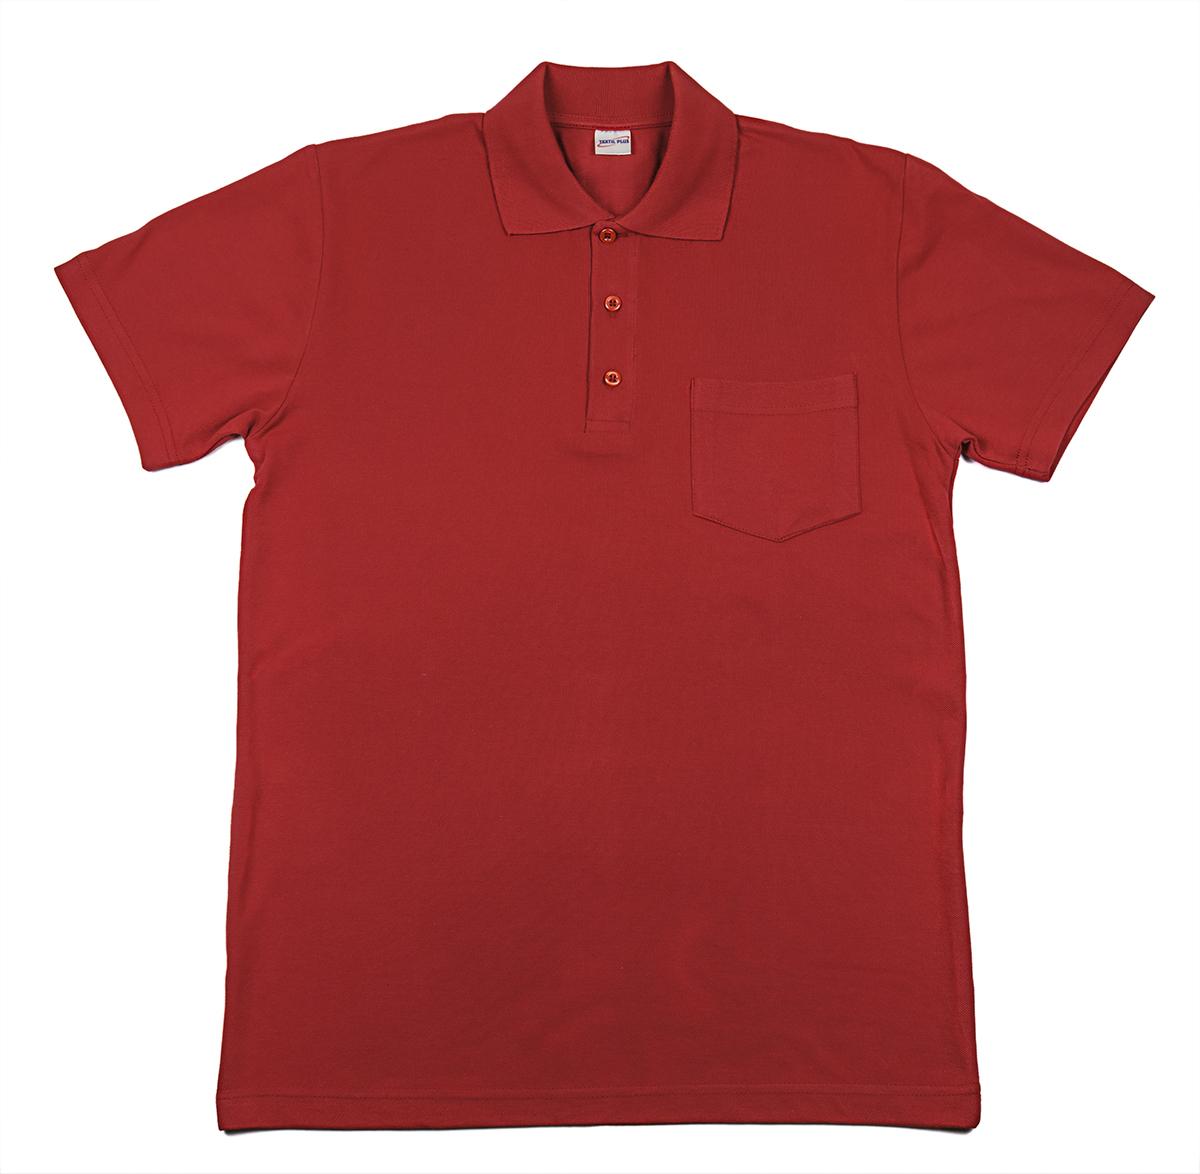 """Мужская футболка-поло """"Team Polo Pocket"""", цвет Белый, размер 52 Узбекистан """"Textil Plus"""""""